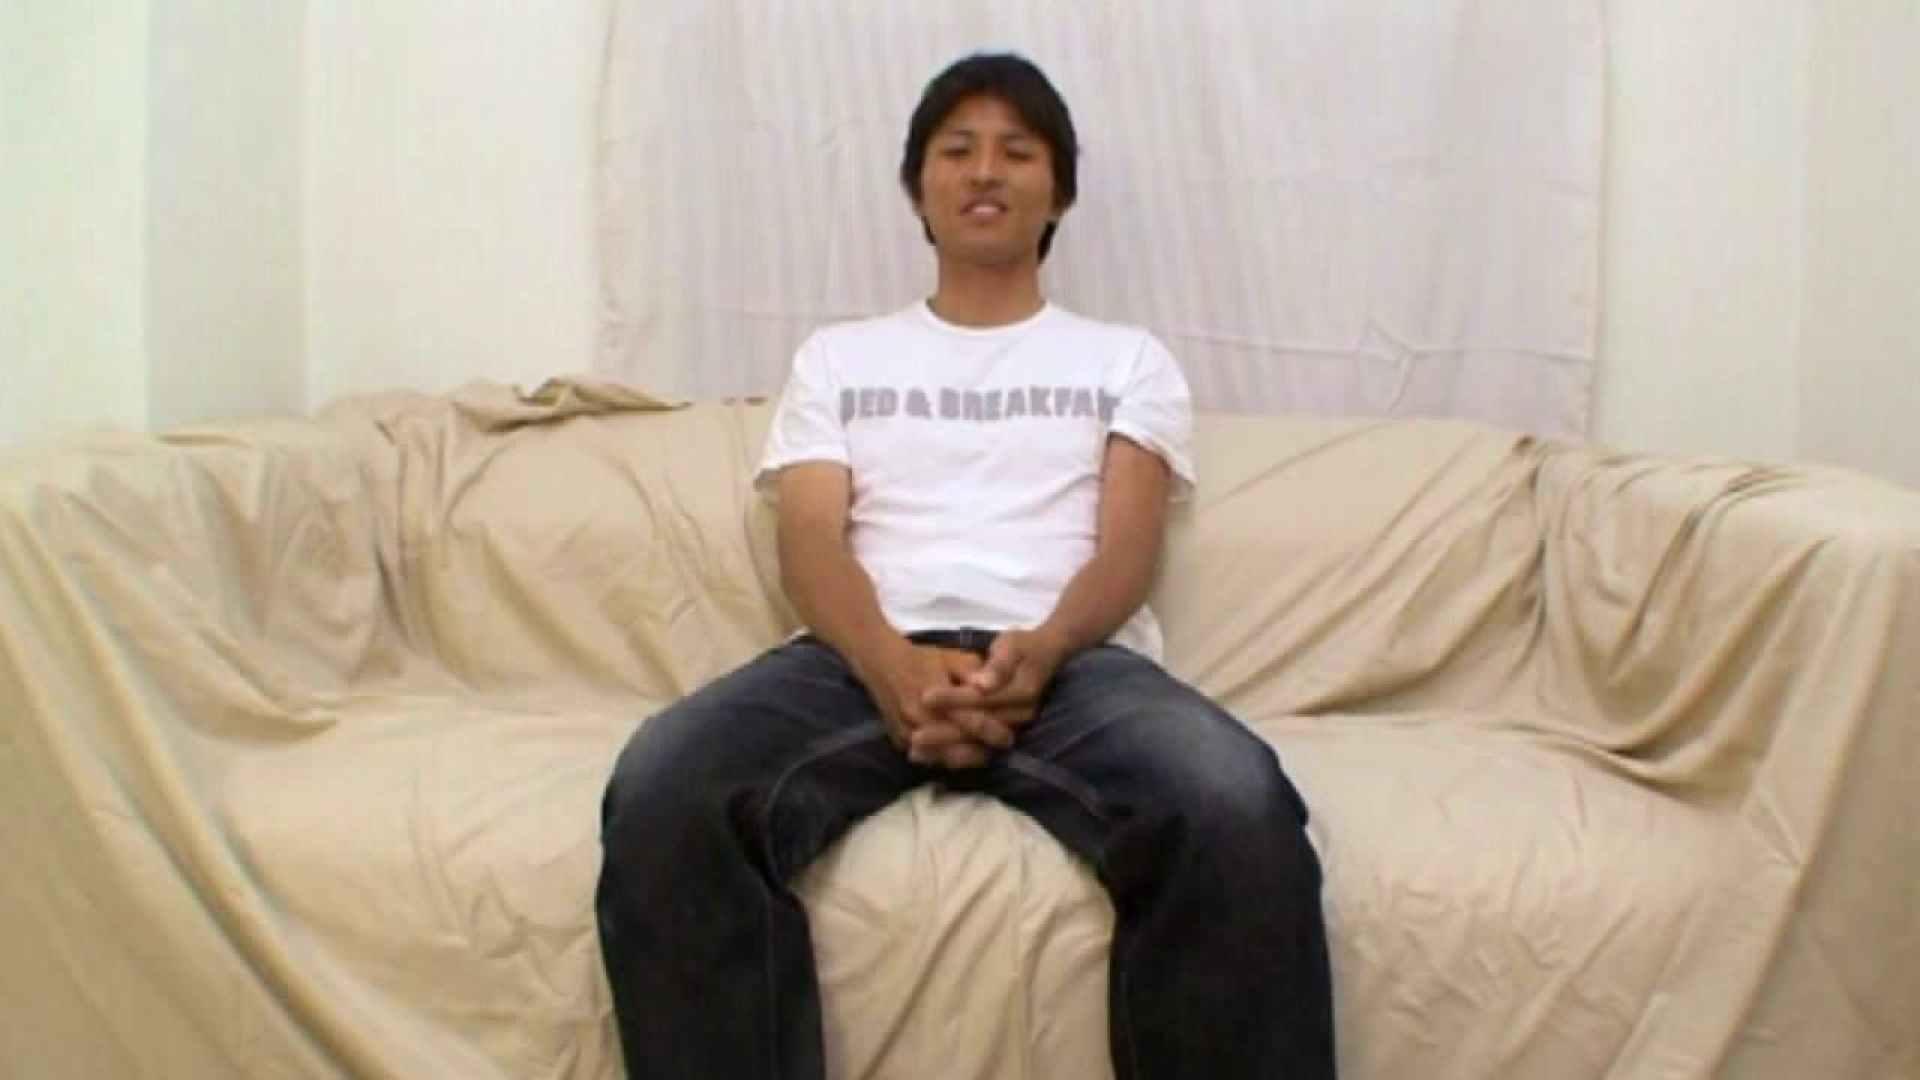 イケメンズエステティック倶楽部Case.01 HTDV ゲイエロビデオ画像 89pic 40